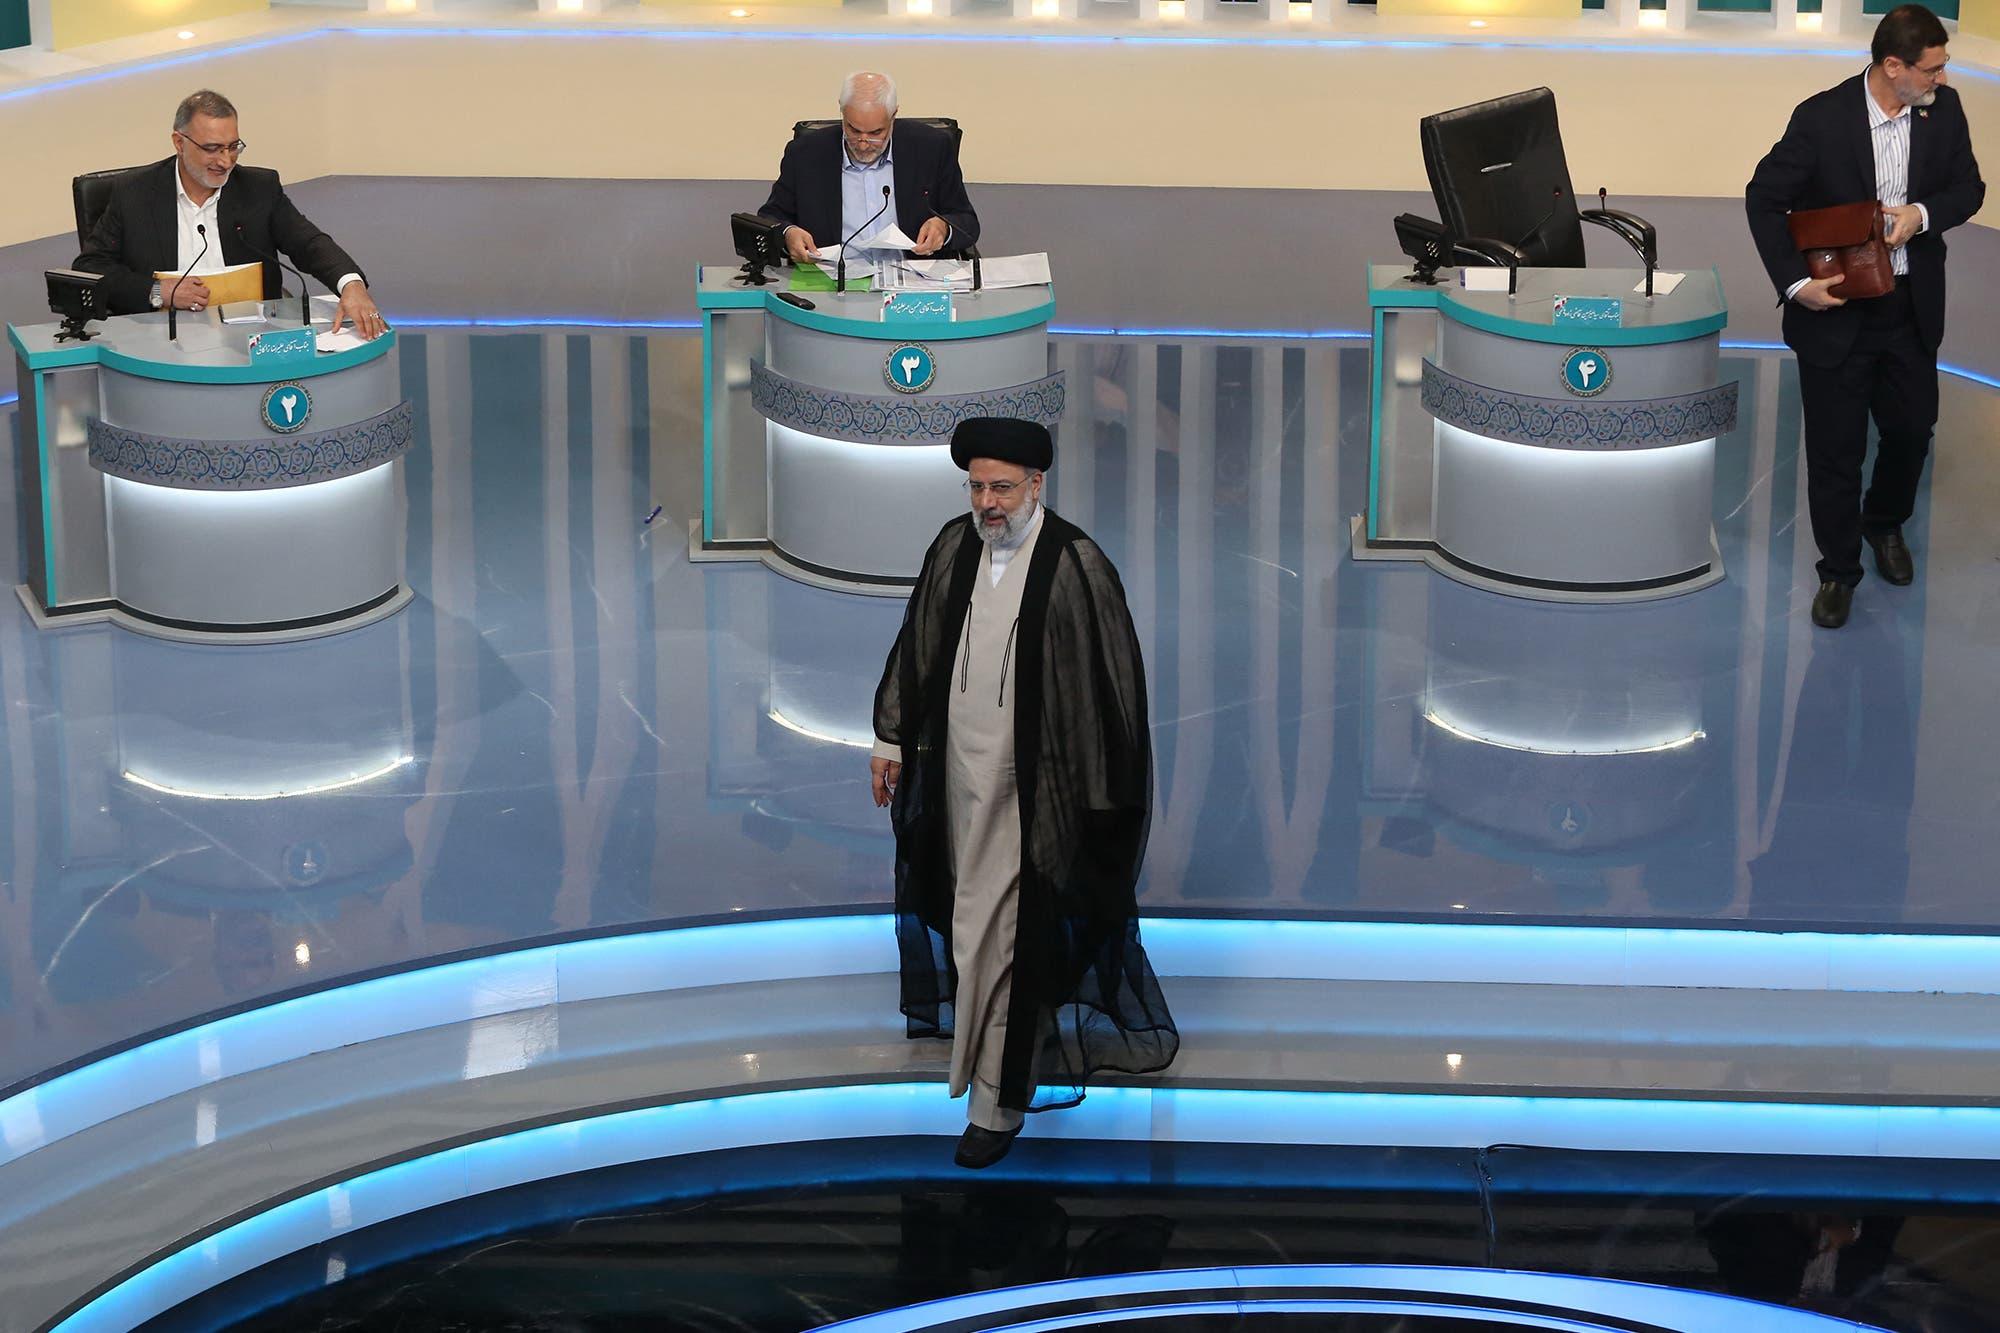 ابراهيم رئيسي خلال المناظرة